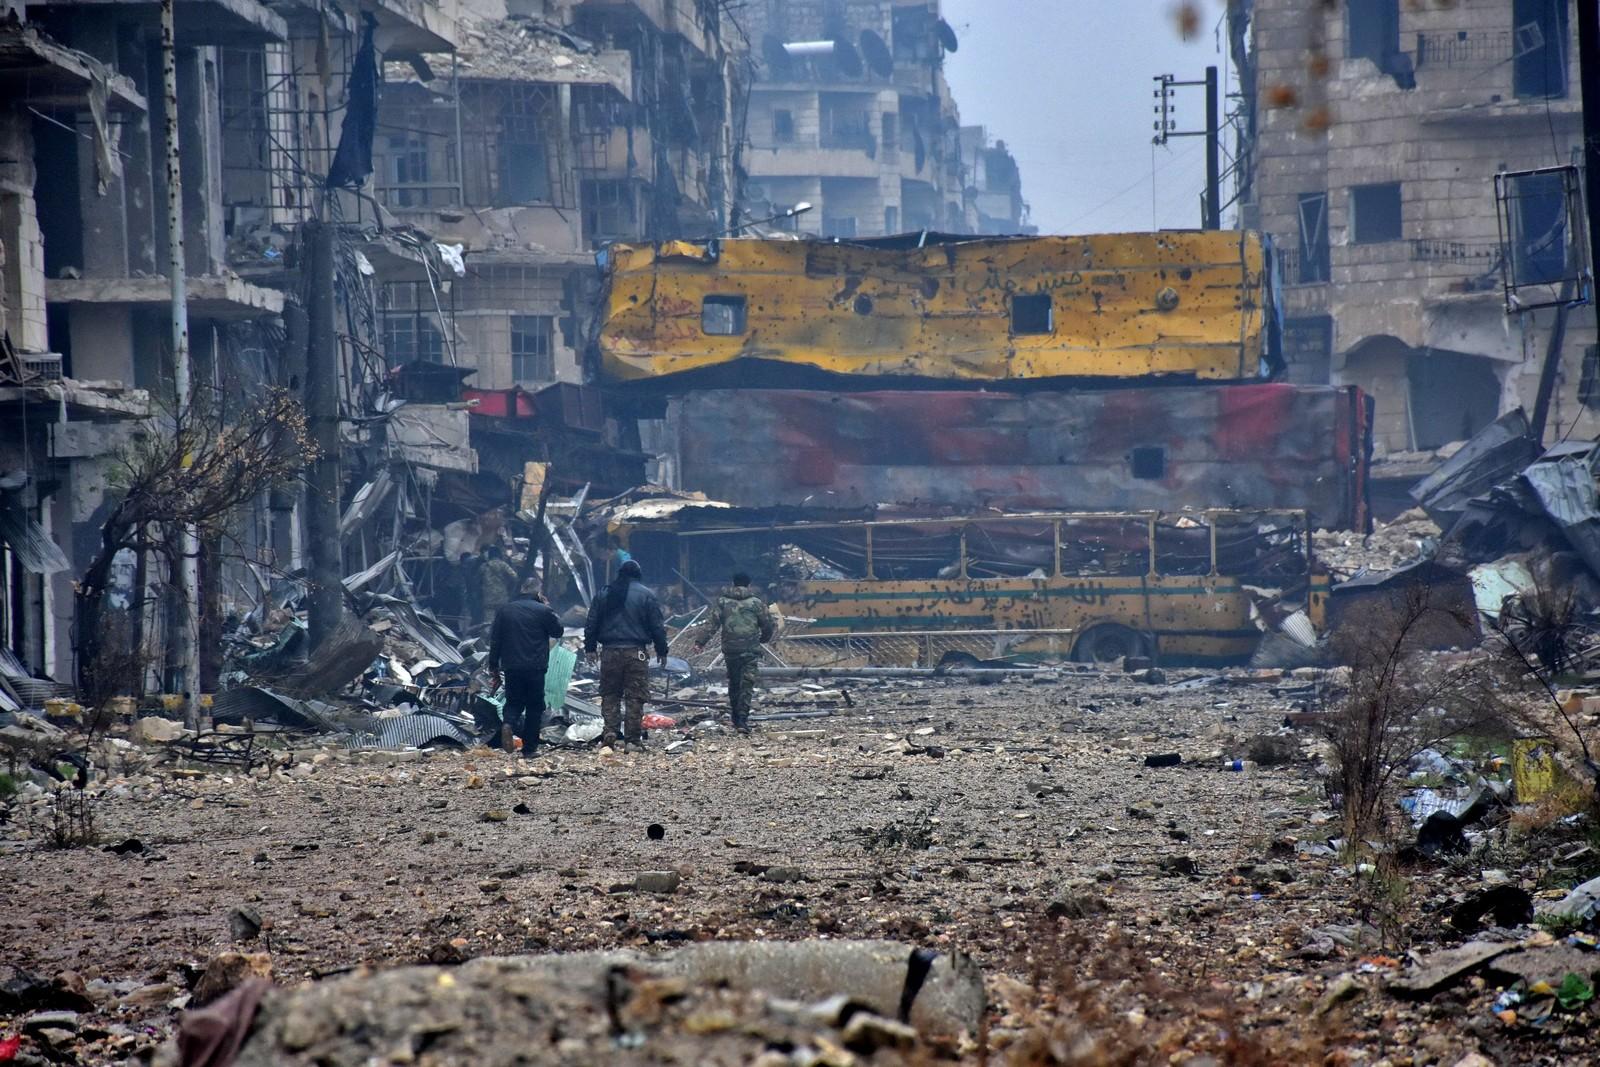 Regimevennlige styrker går i nabolaget Bustan al-Qasr 13. desember.